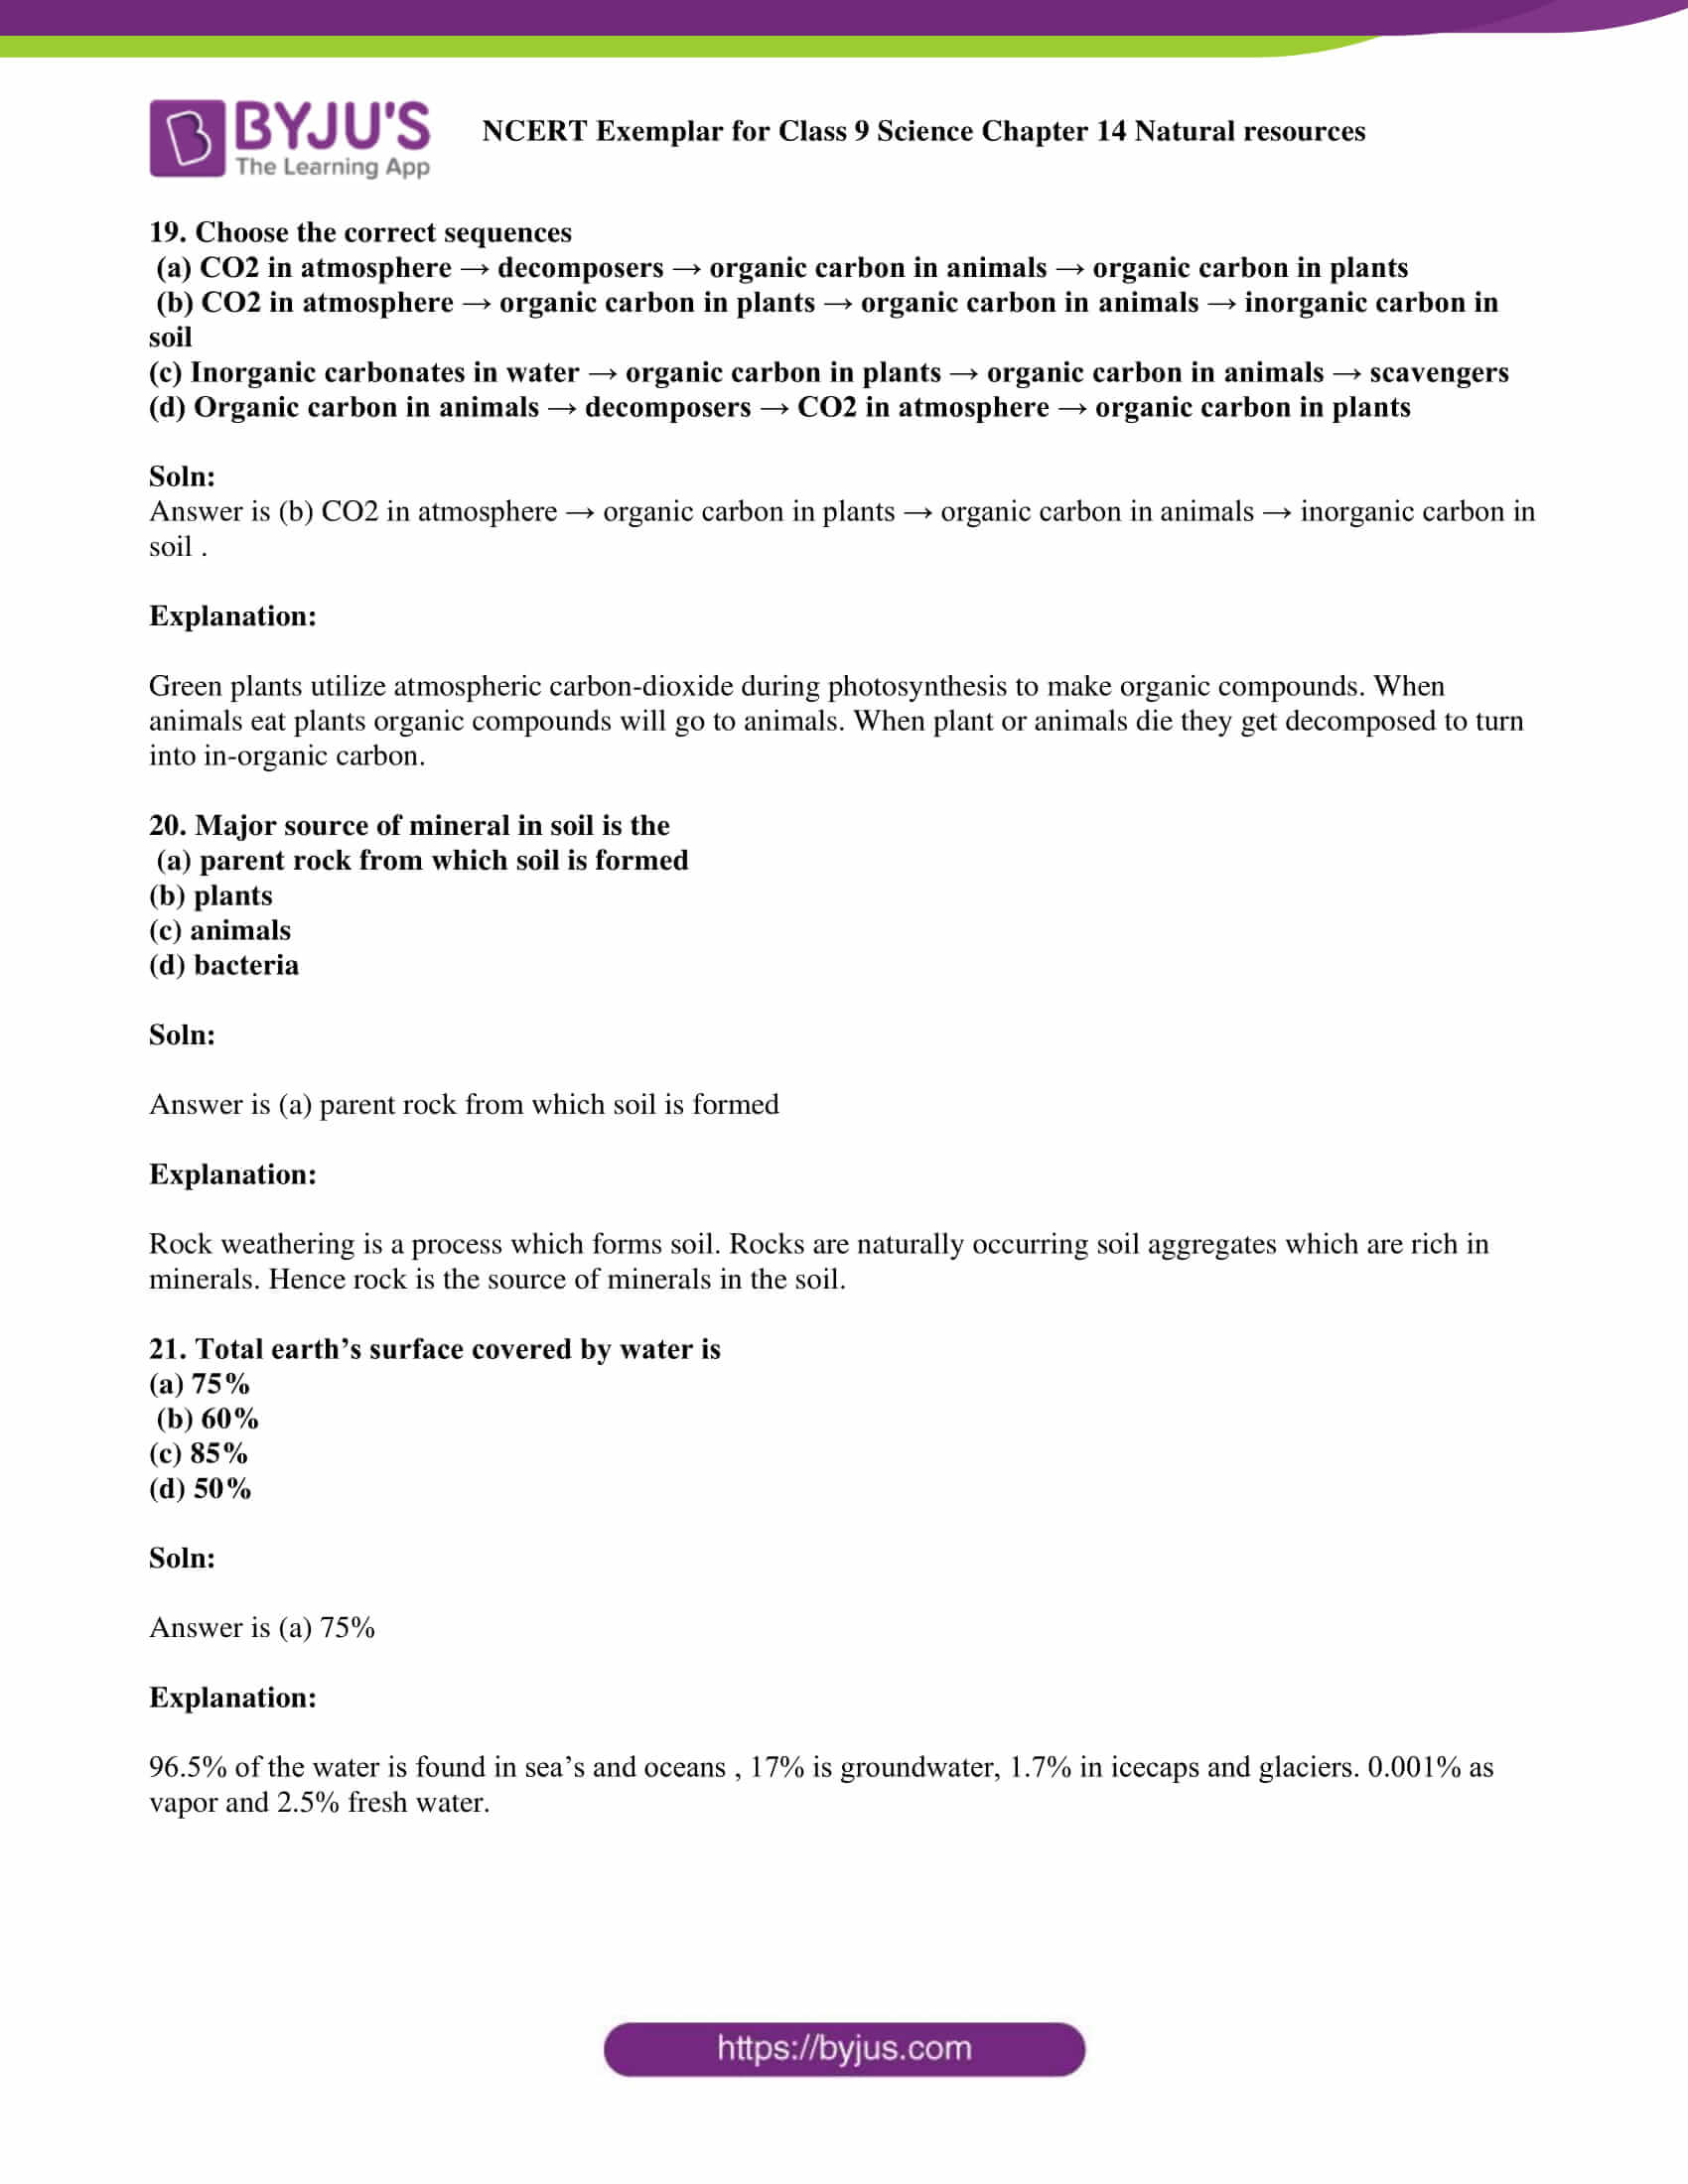 NCERT Exemplar solution class 9 Science Chapter 14 part 06